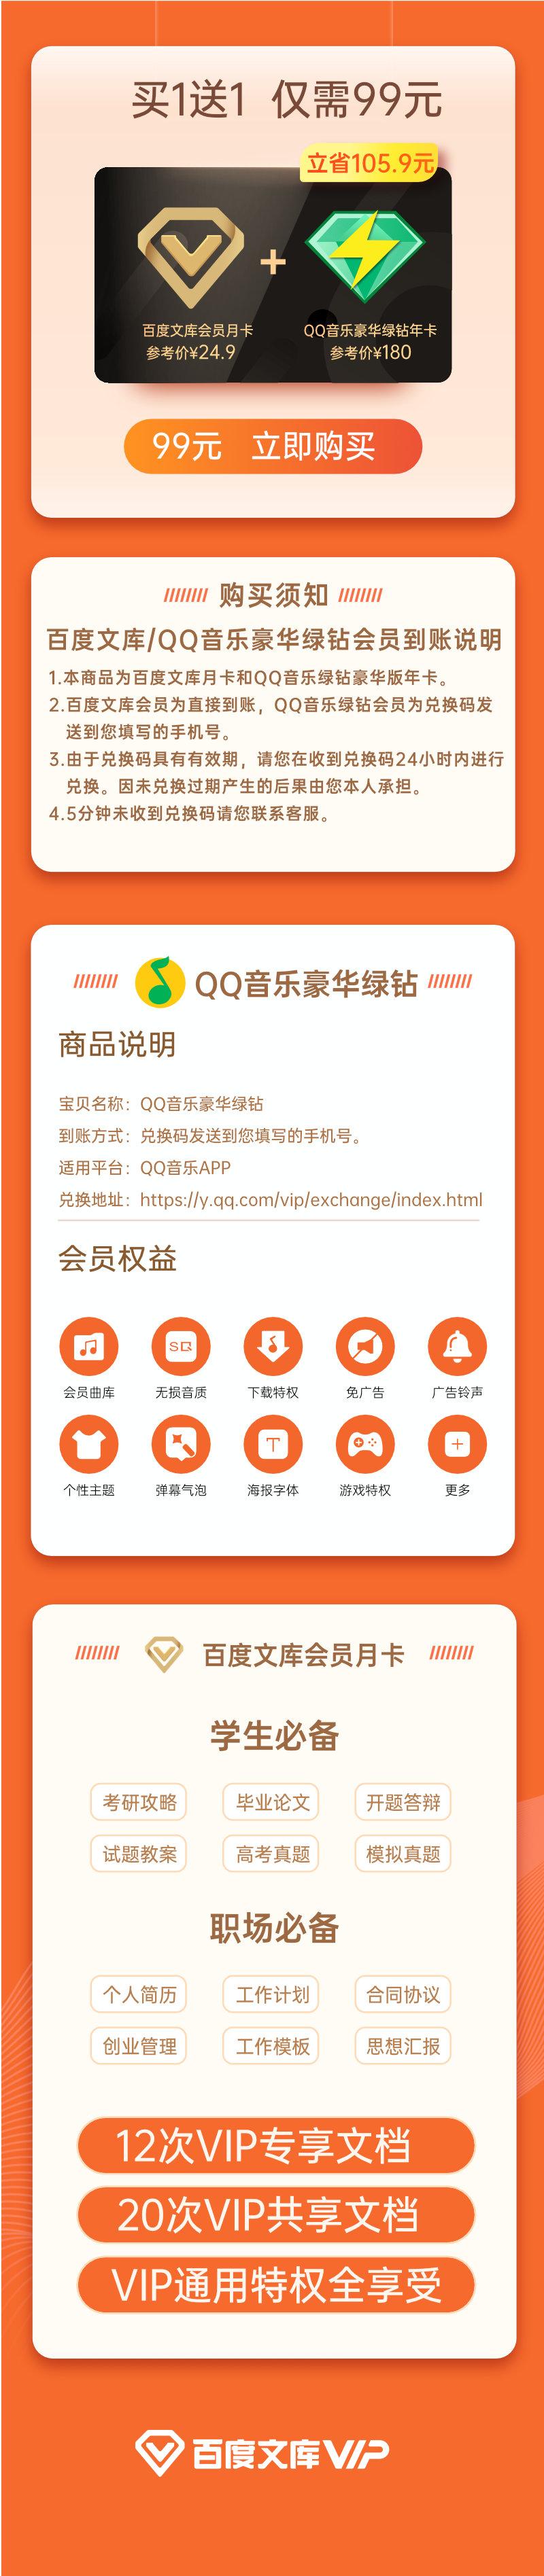 QQ 音乐绿钻年卡狂促 5 折 99 元,再送百度文库月卡